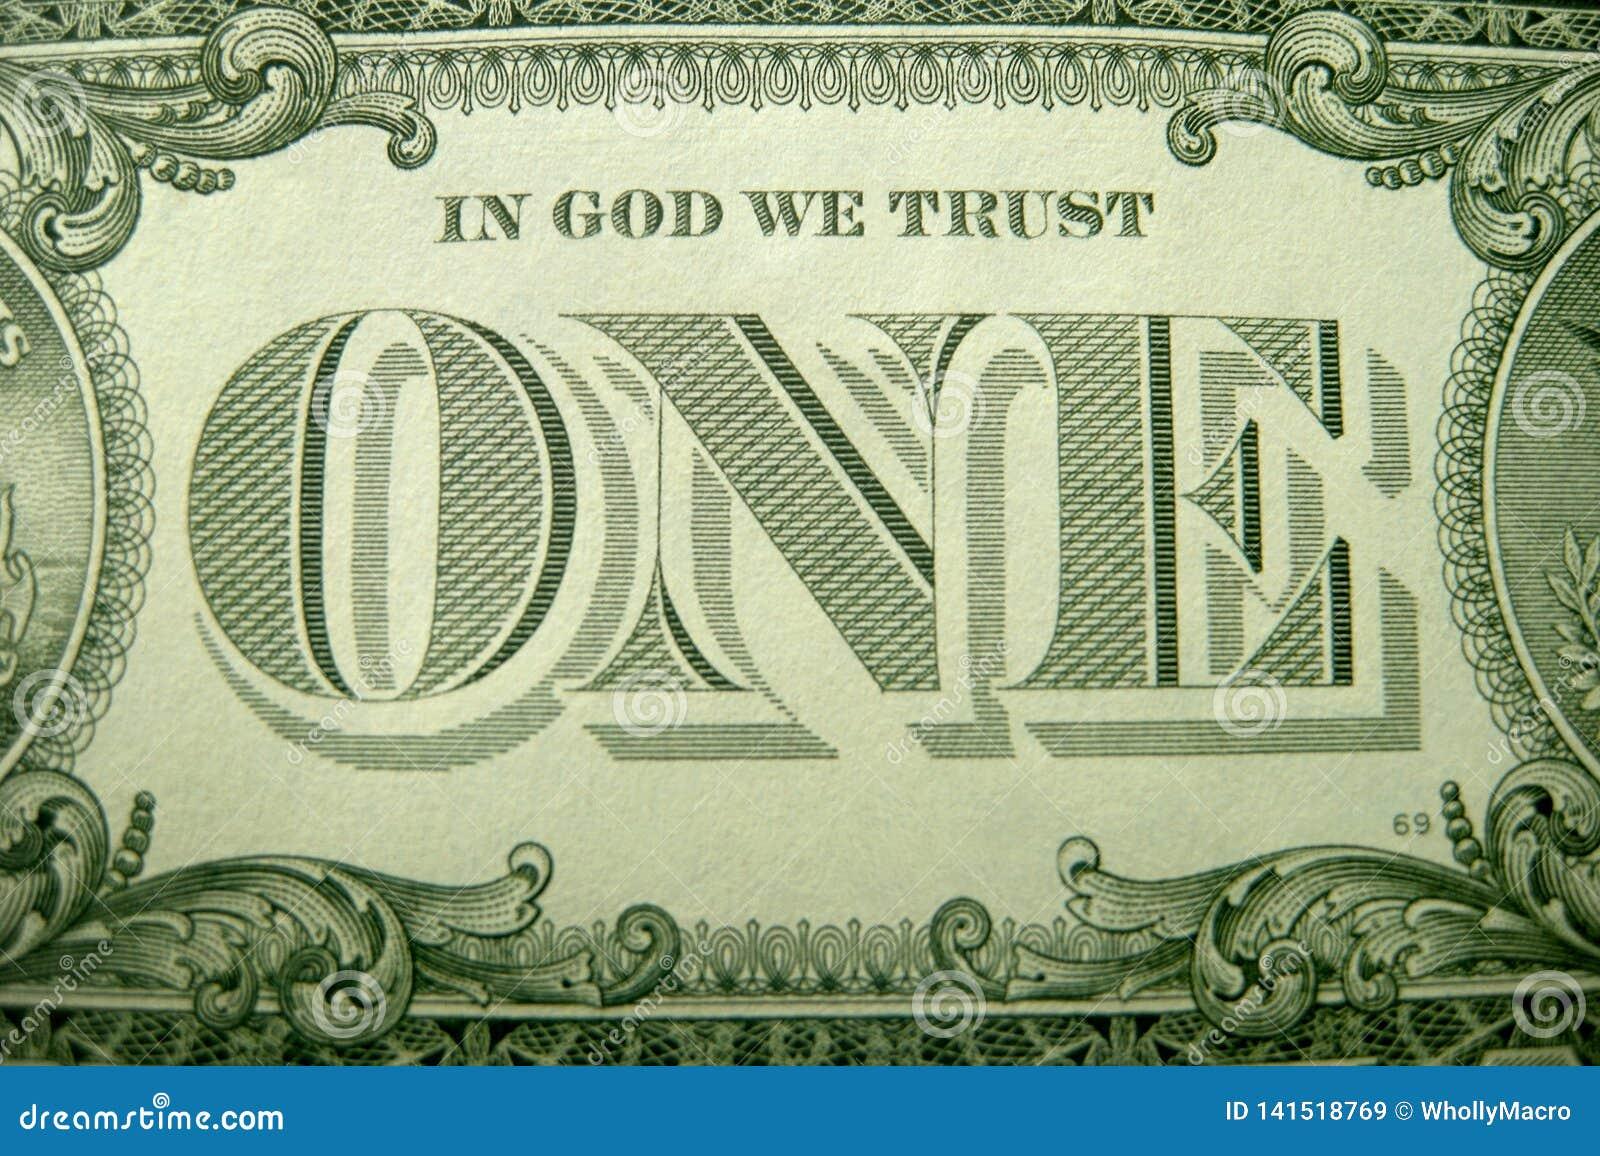 Στο ΘΕΟ ΕΜΠΙΣΤΕΥΟΜΑΣΤΕ και ΕΝΑ που πλαισιώνεται ornately από τα διακοσμητικά στοιχεία από το αμερικανικό δολάριο